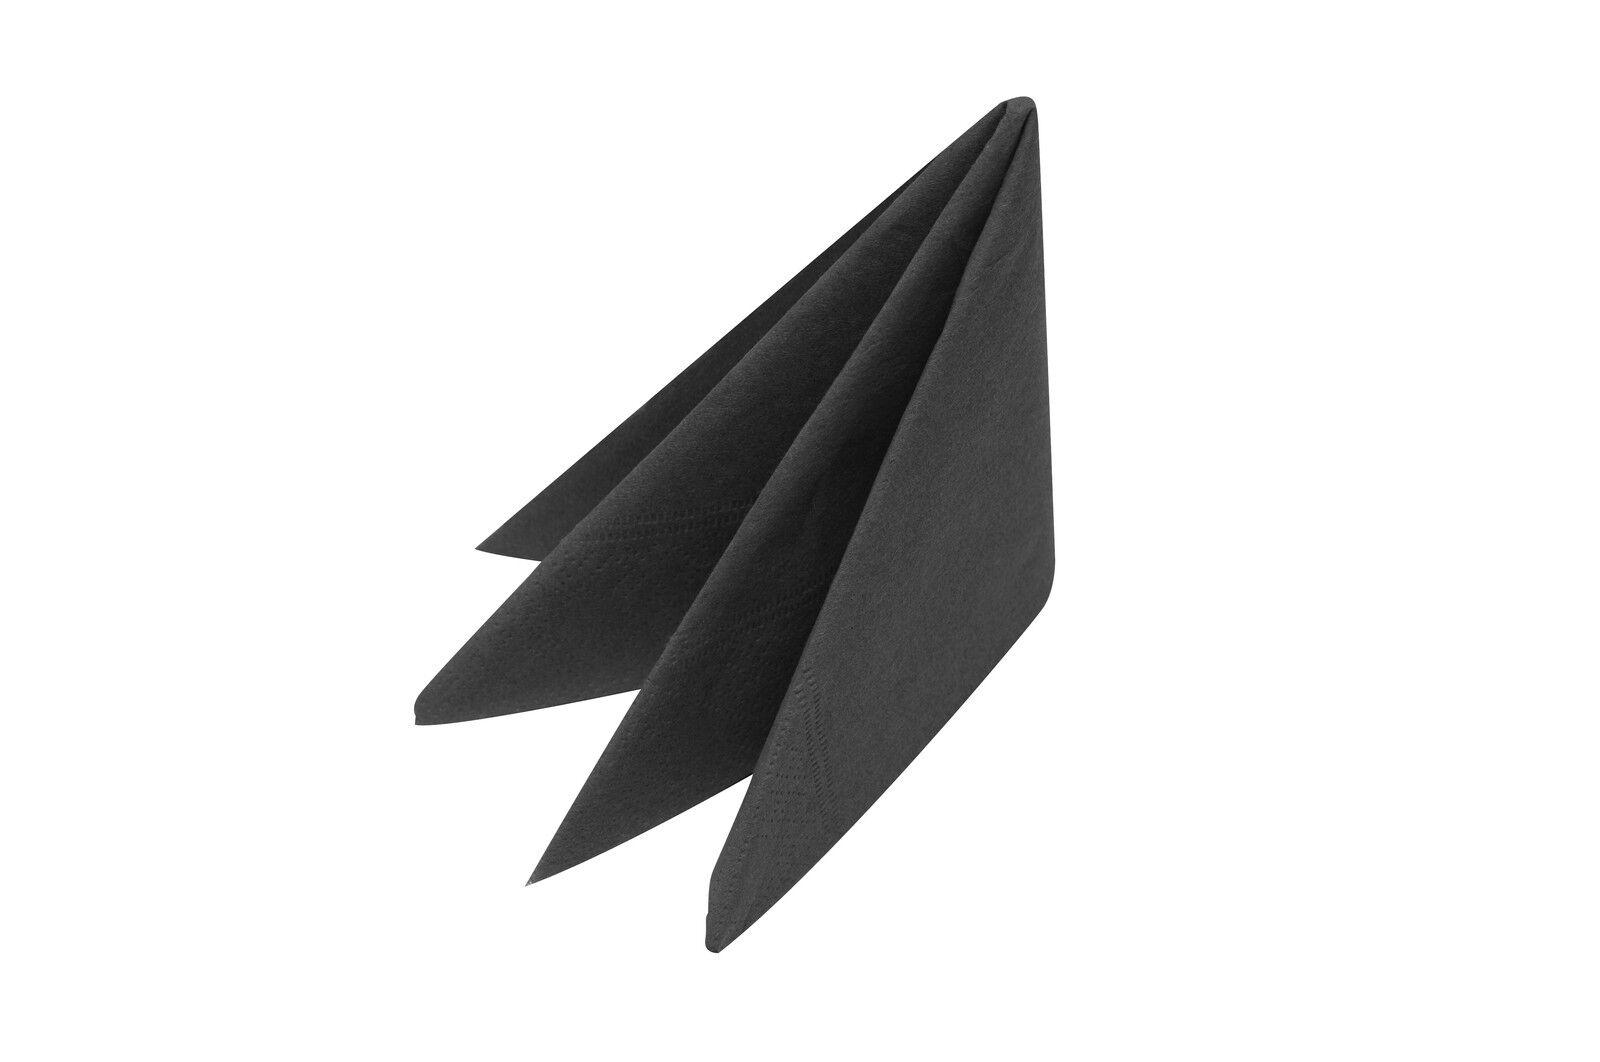 Pavot Noir Serviettes 40x40cm 3ply X 1000  Prix Réduit-Offre Spéciale